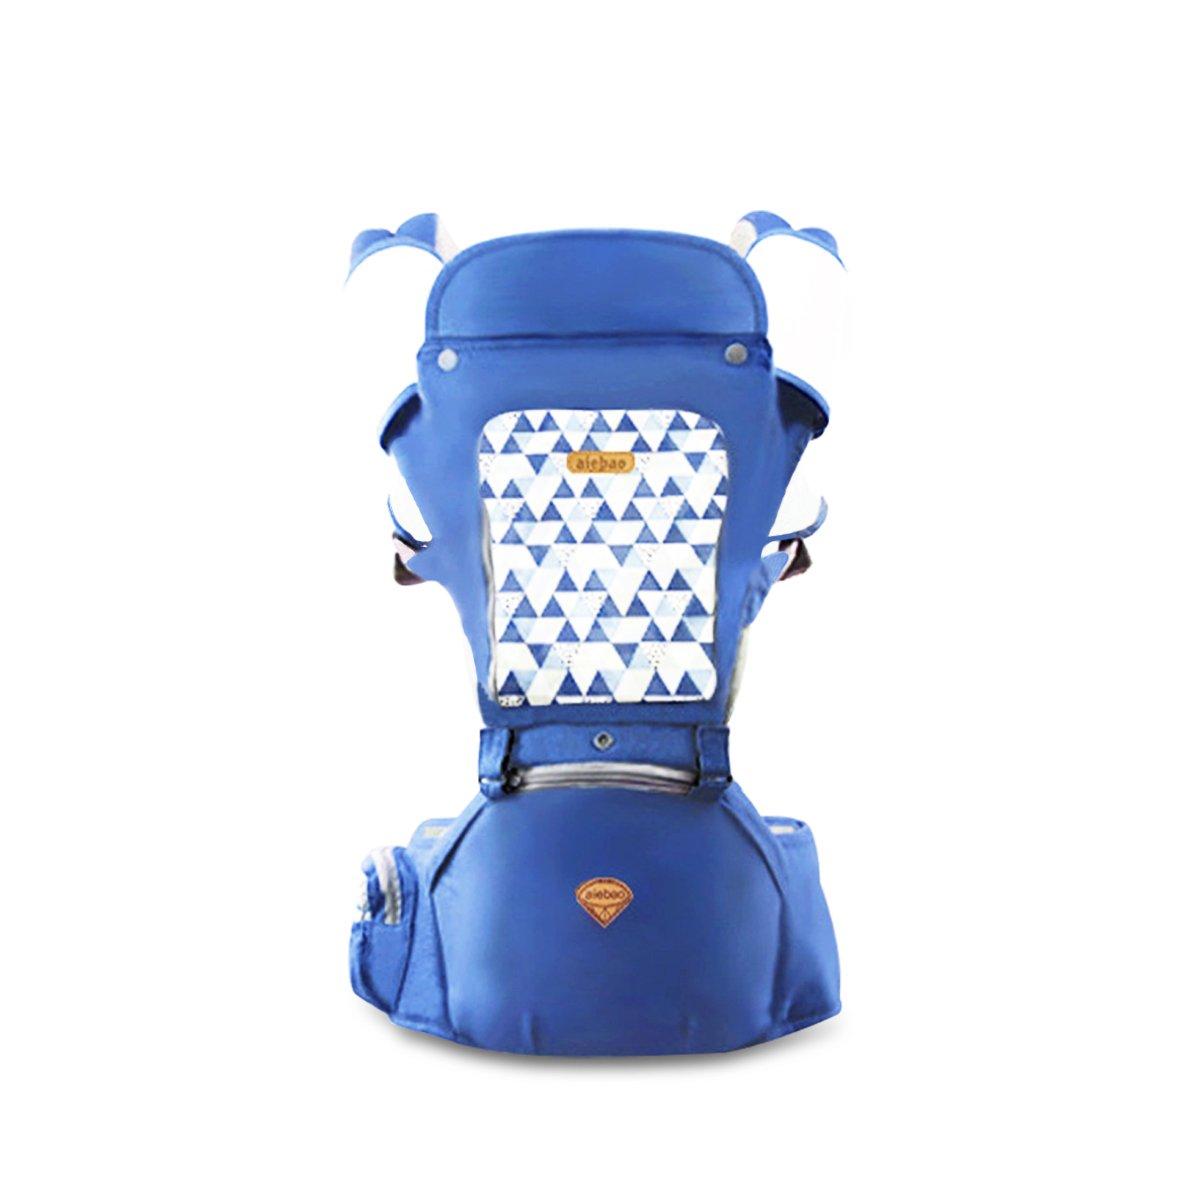 Babytrage SONARIN 3 in 1 All Season atmungsaktive Hipseat Baby Carrier Grau Sonnenschutz,Ergonomisch,Multifunktion,Einfach Mom,100/% GARANTIE und KOSTENLOSE LIEFERUNG Ideal Geschenk